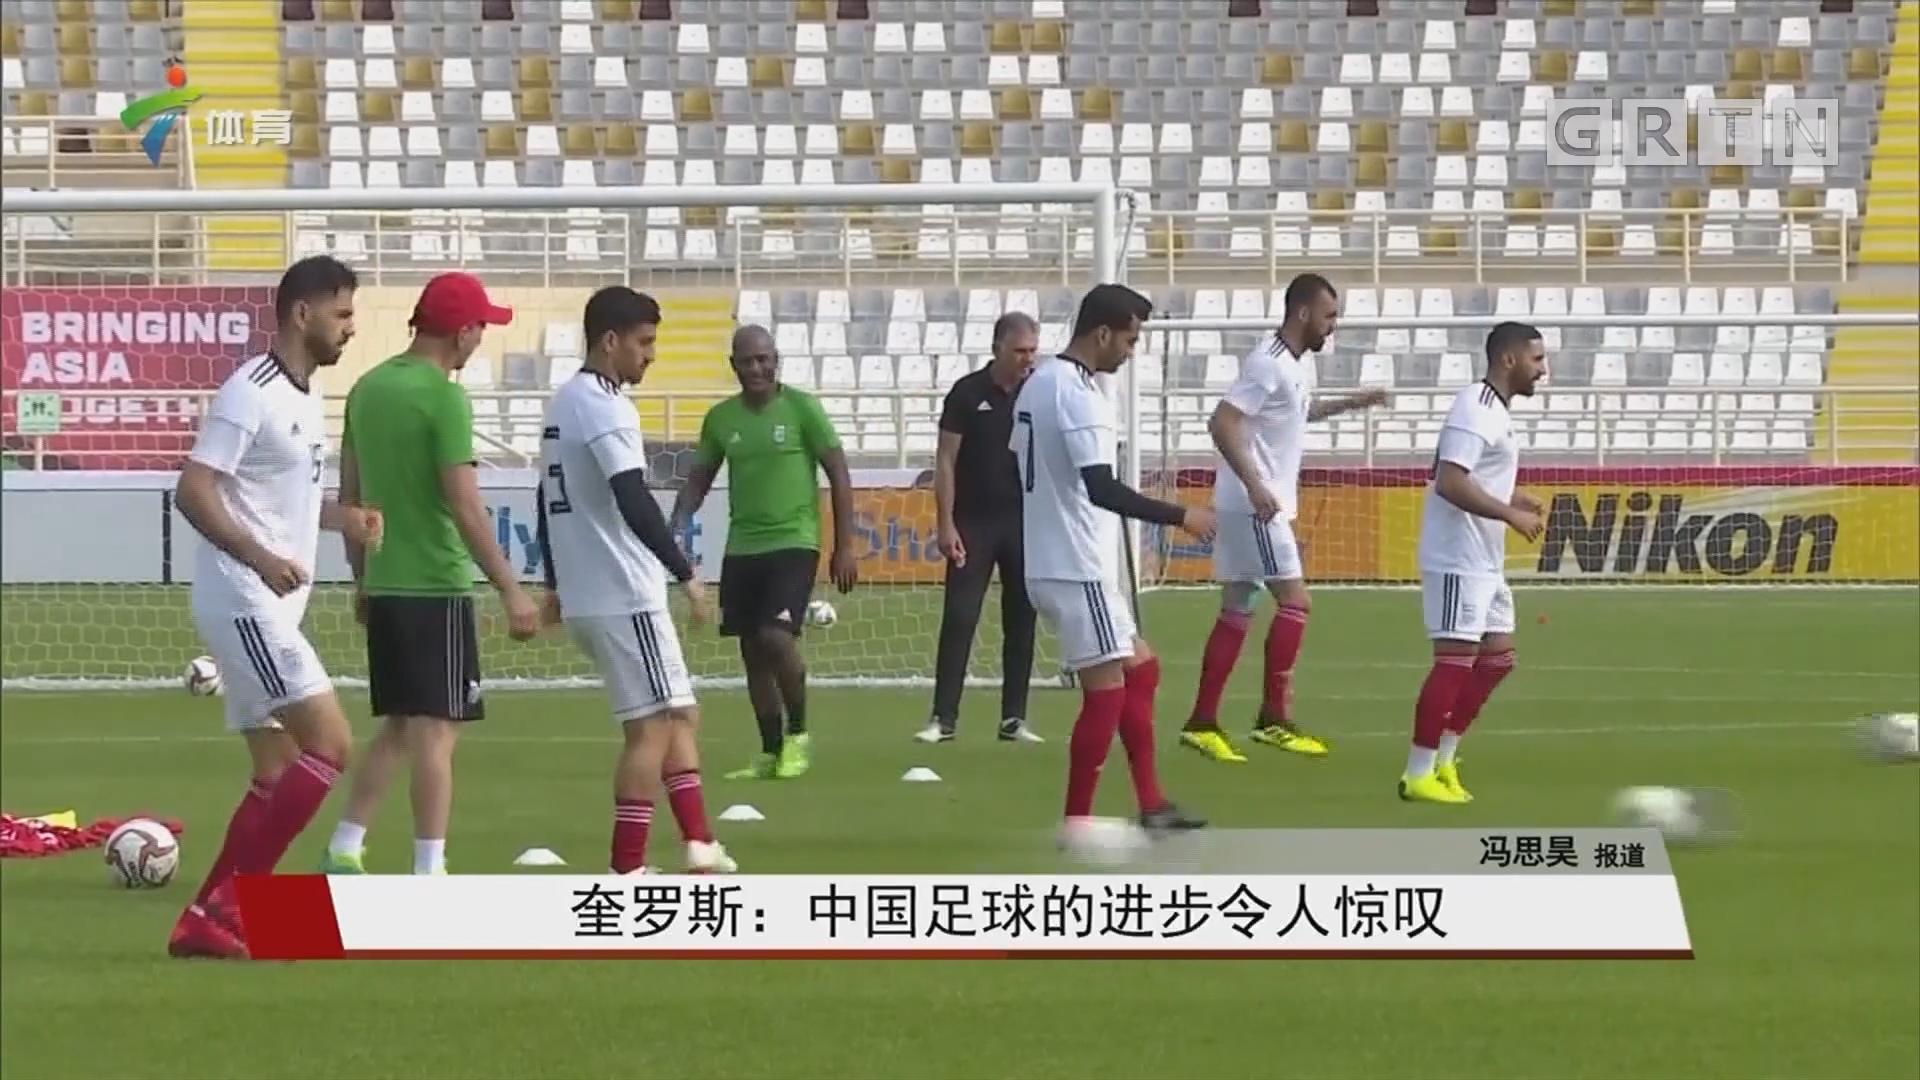 奎罗斯:中国足球的进步令人惊叹